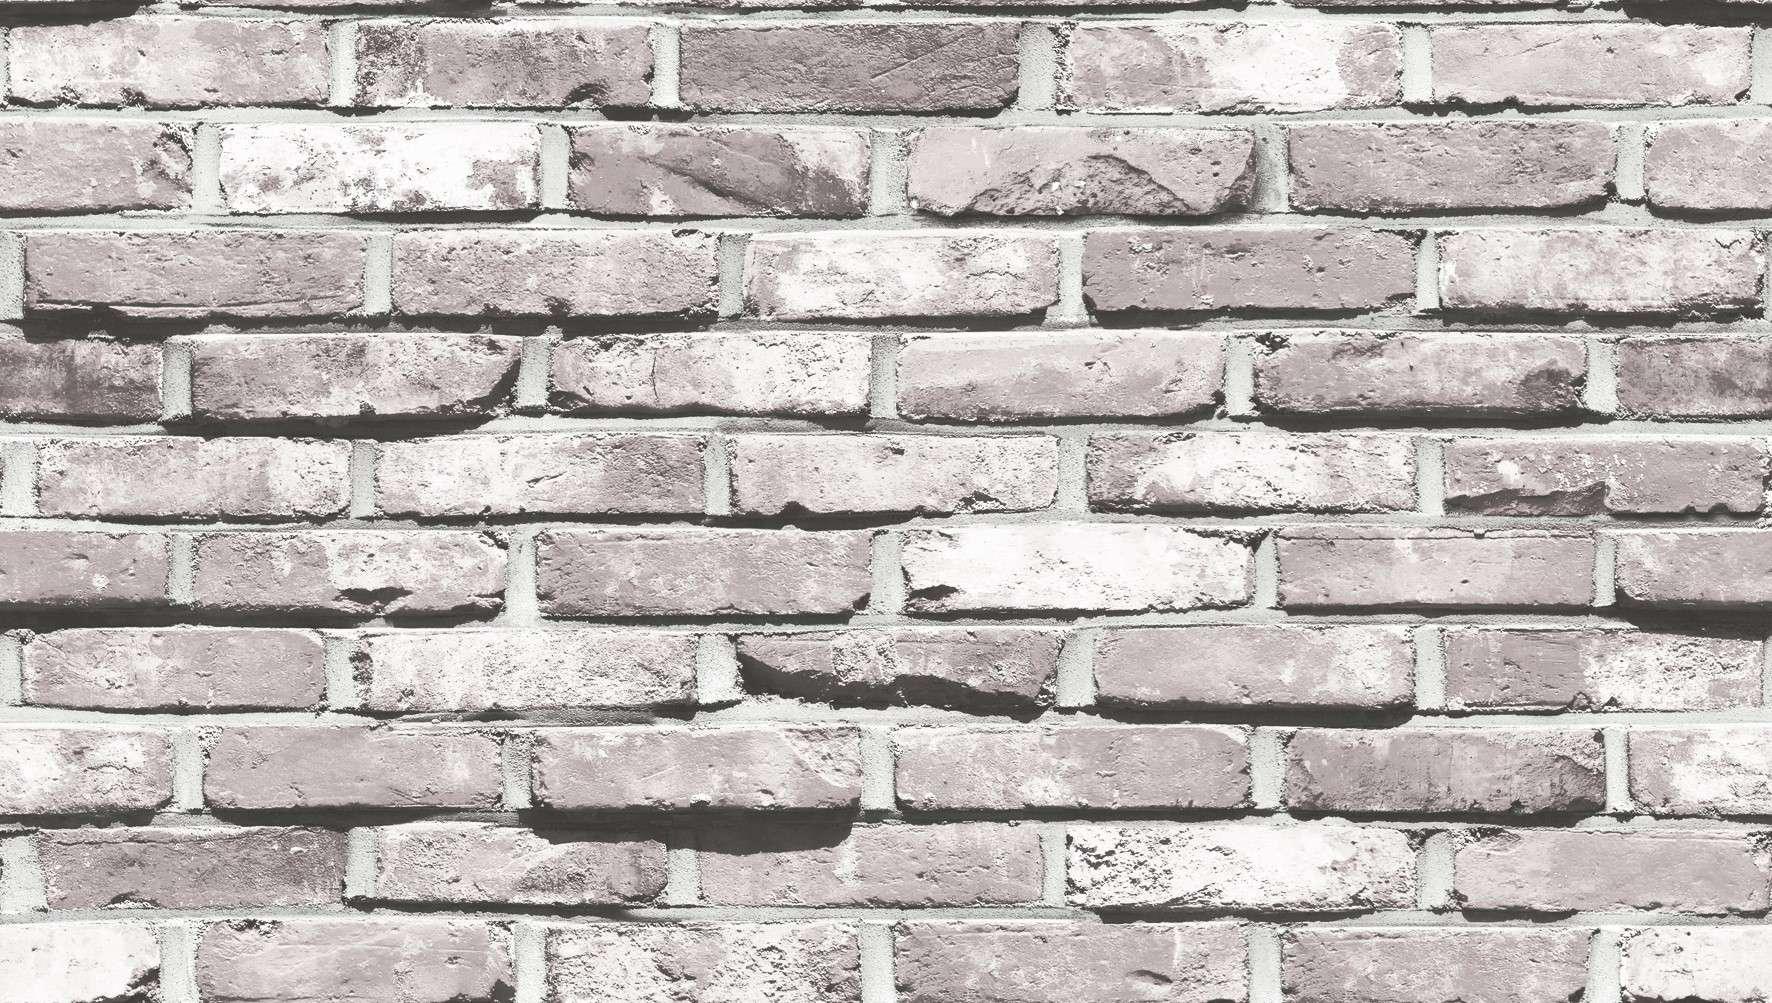 87033-1 là mã giấy dán tường Hàn Quốc 3D đúng nghĩa với các vân bóng sáng tối tạo hiệu ứng cho viên gạch rất đẹp mắt